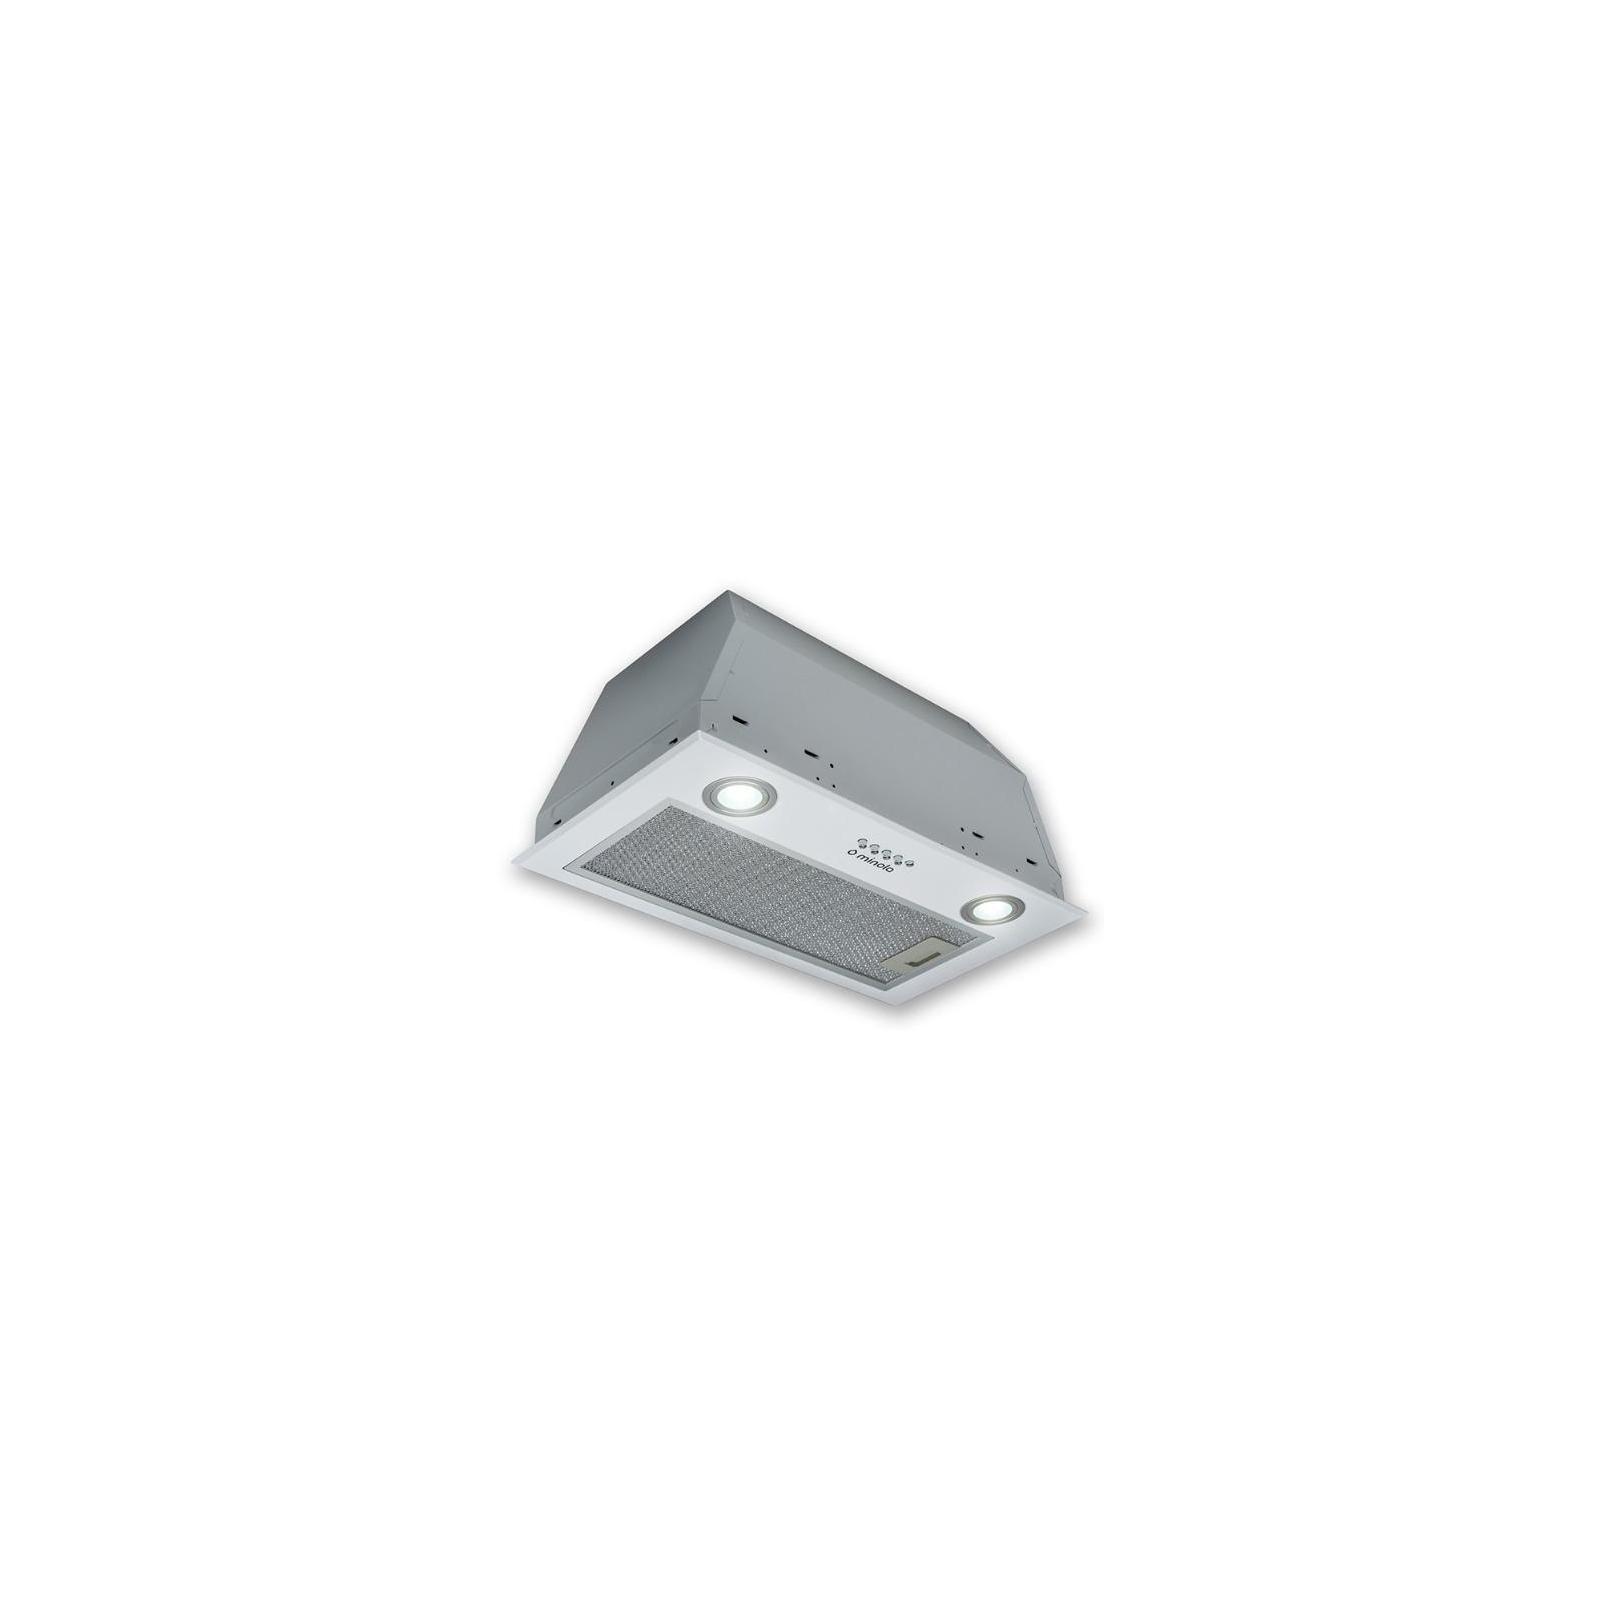 Вытяжка кухонная MINOLA HBI 5822 WH 1200 LED изображение 4